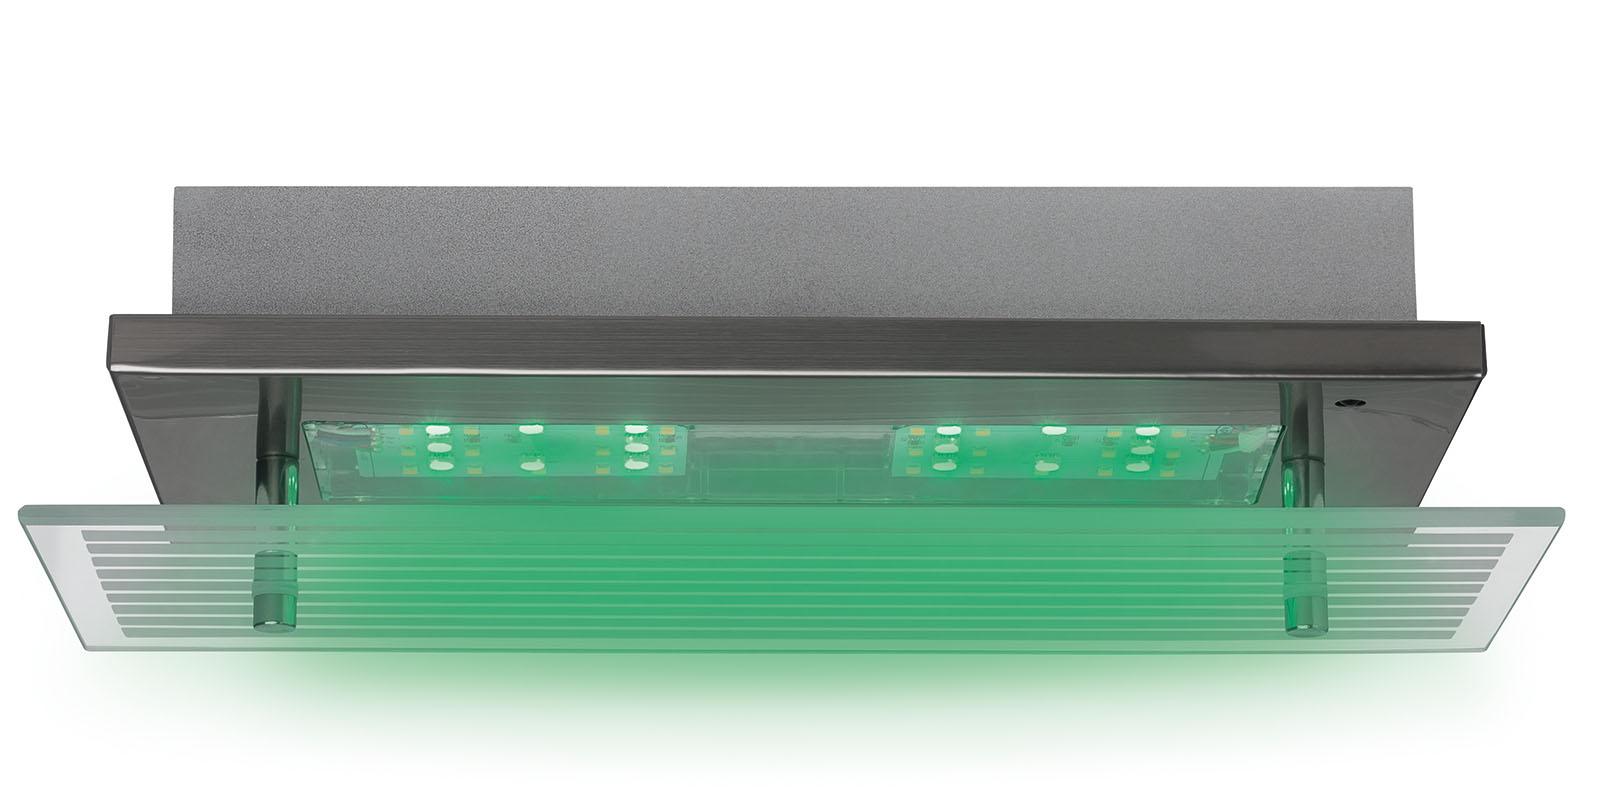 deckenleuchte led dimmbar mit farbsteuerung ean963 leuchte lampe deckenlampe ebay. Black Bedroom Furniture Sets. Home Design Ideas